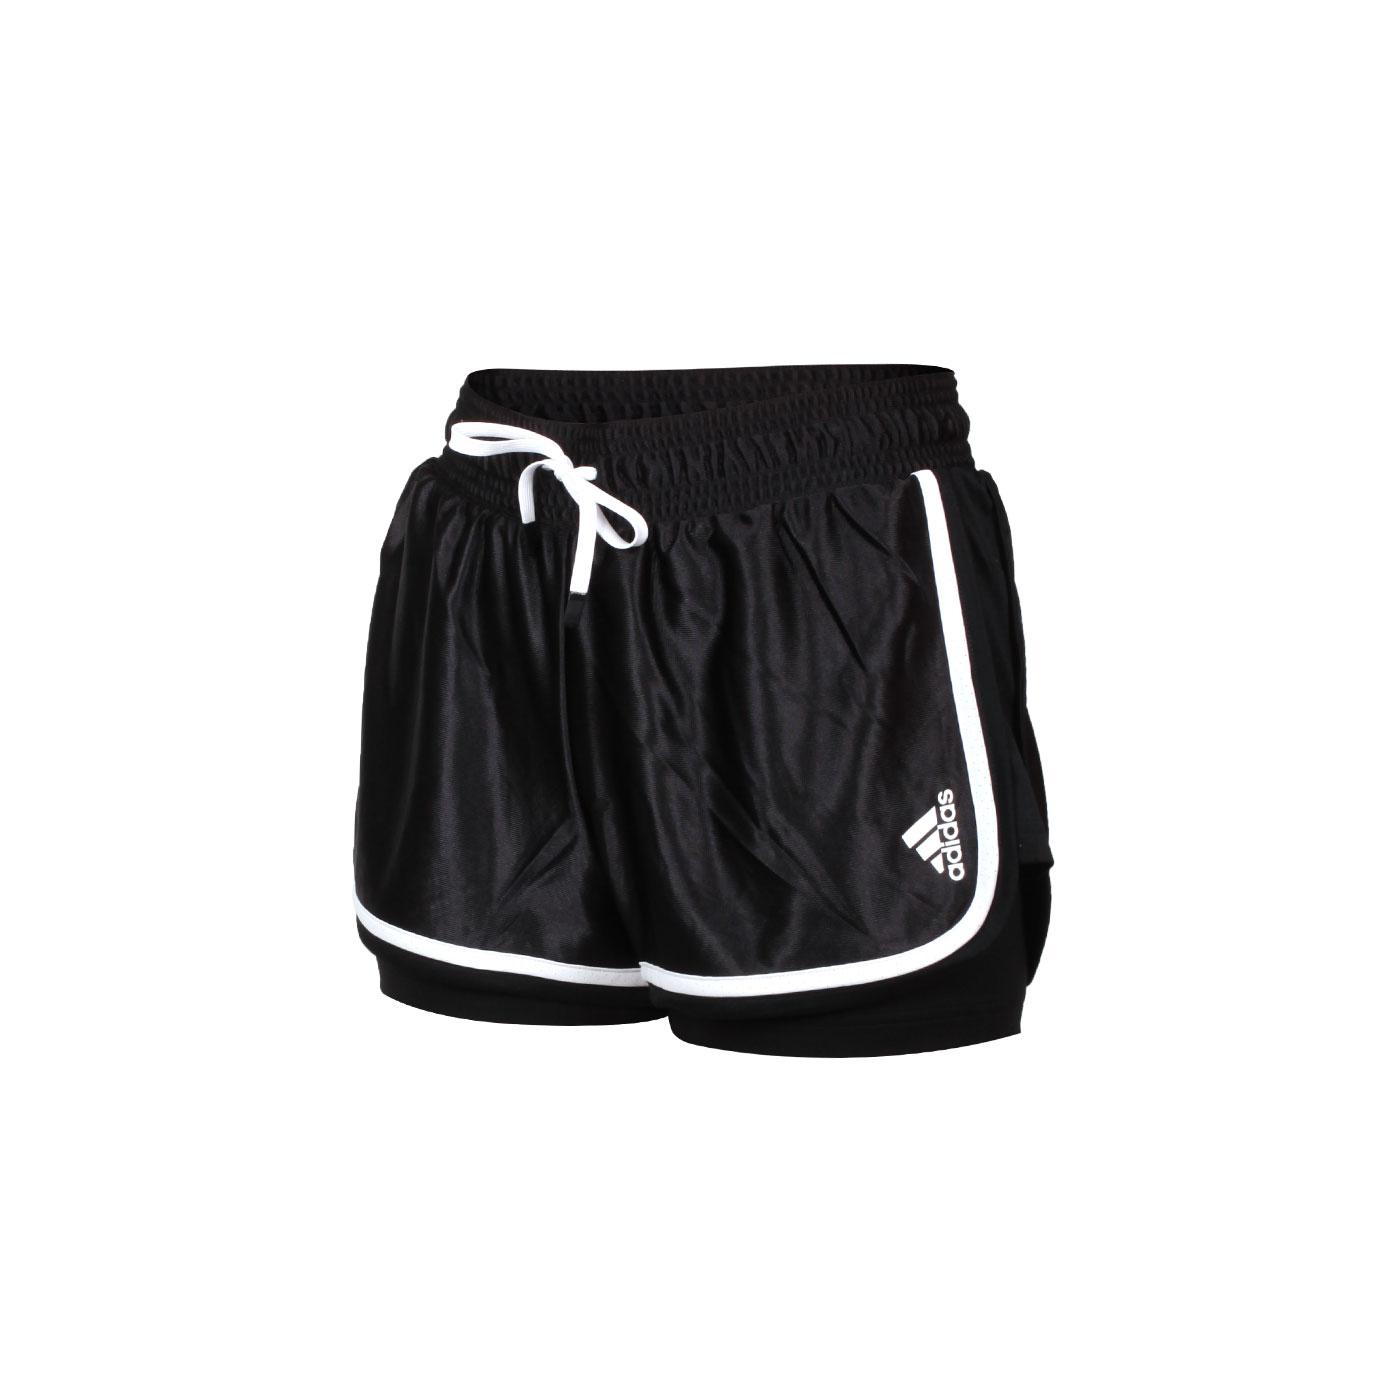 ADIDAS 女款運動短褲 GL5461 - 黑白